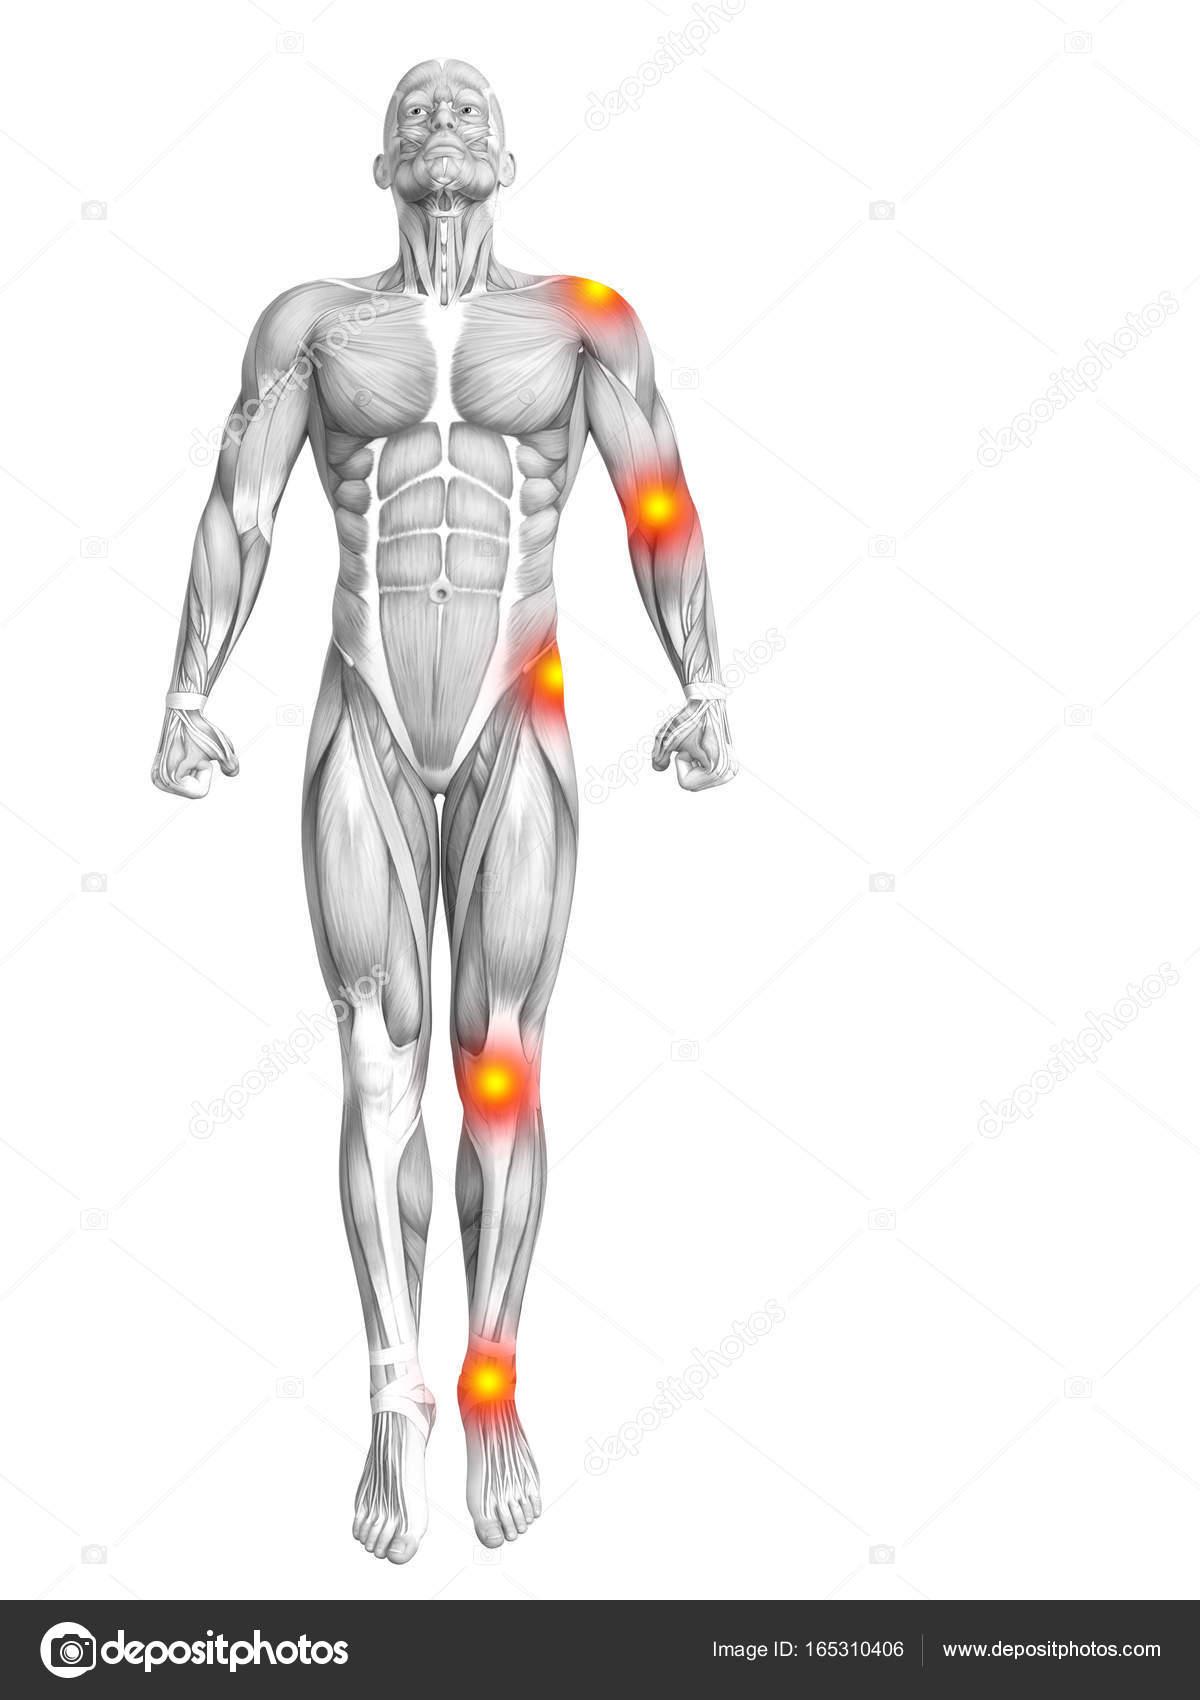 Konzeptionelle menschlichen Muskel Anatomie mit roten und gelben Hot ...